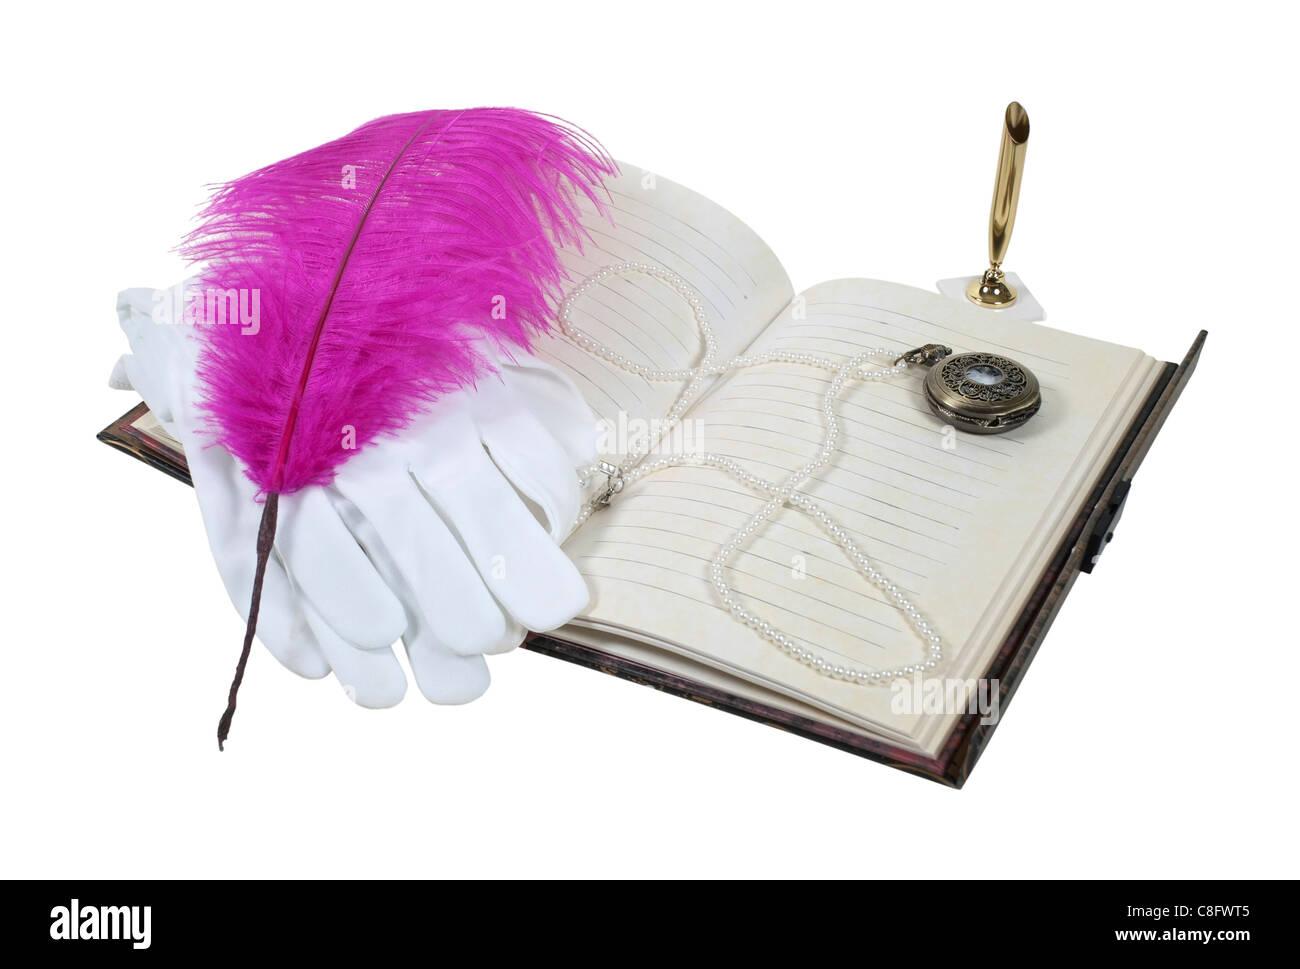 Livre avec un stylo à plume avec des gants blancs et une montre de poche - chemin inclus Photo Stock